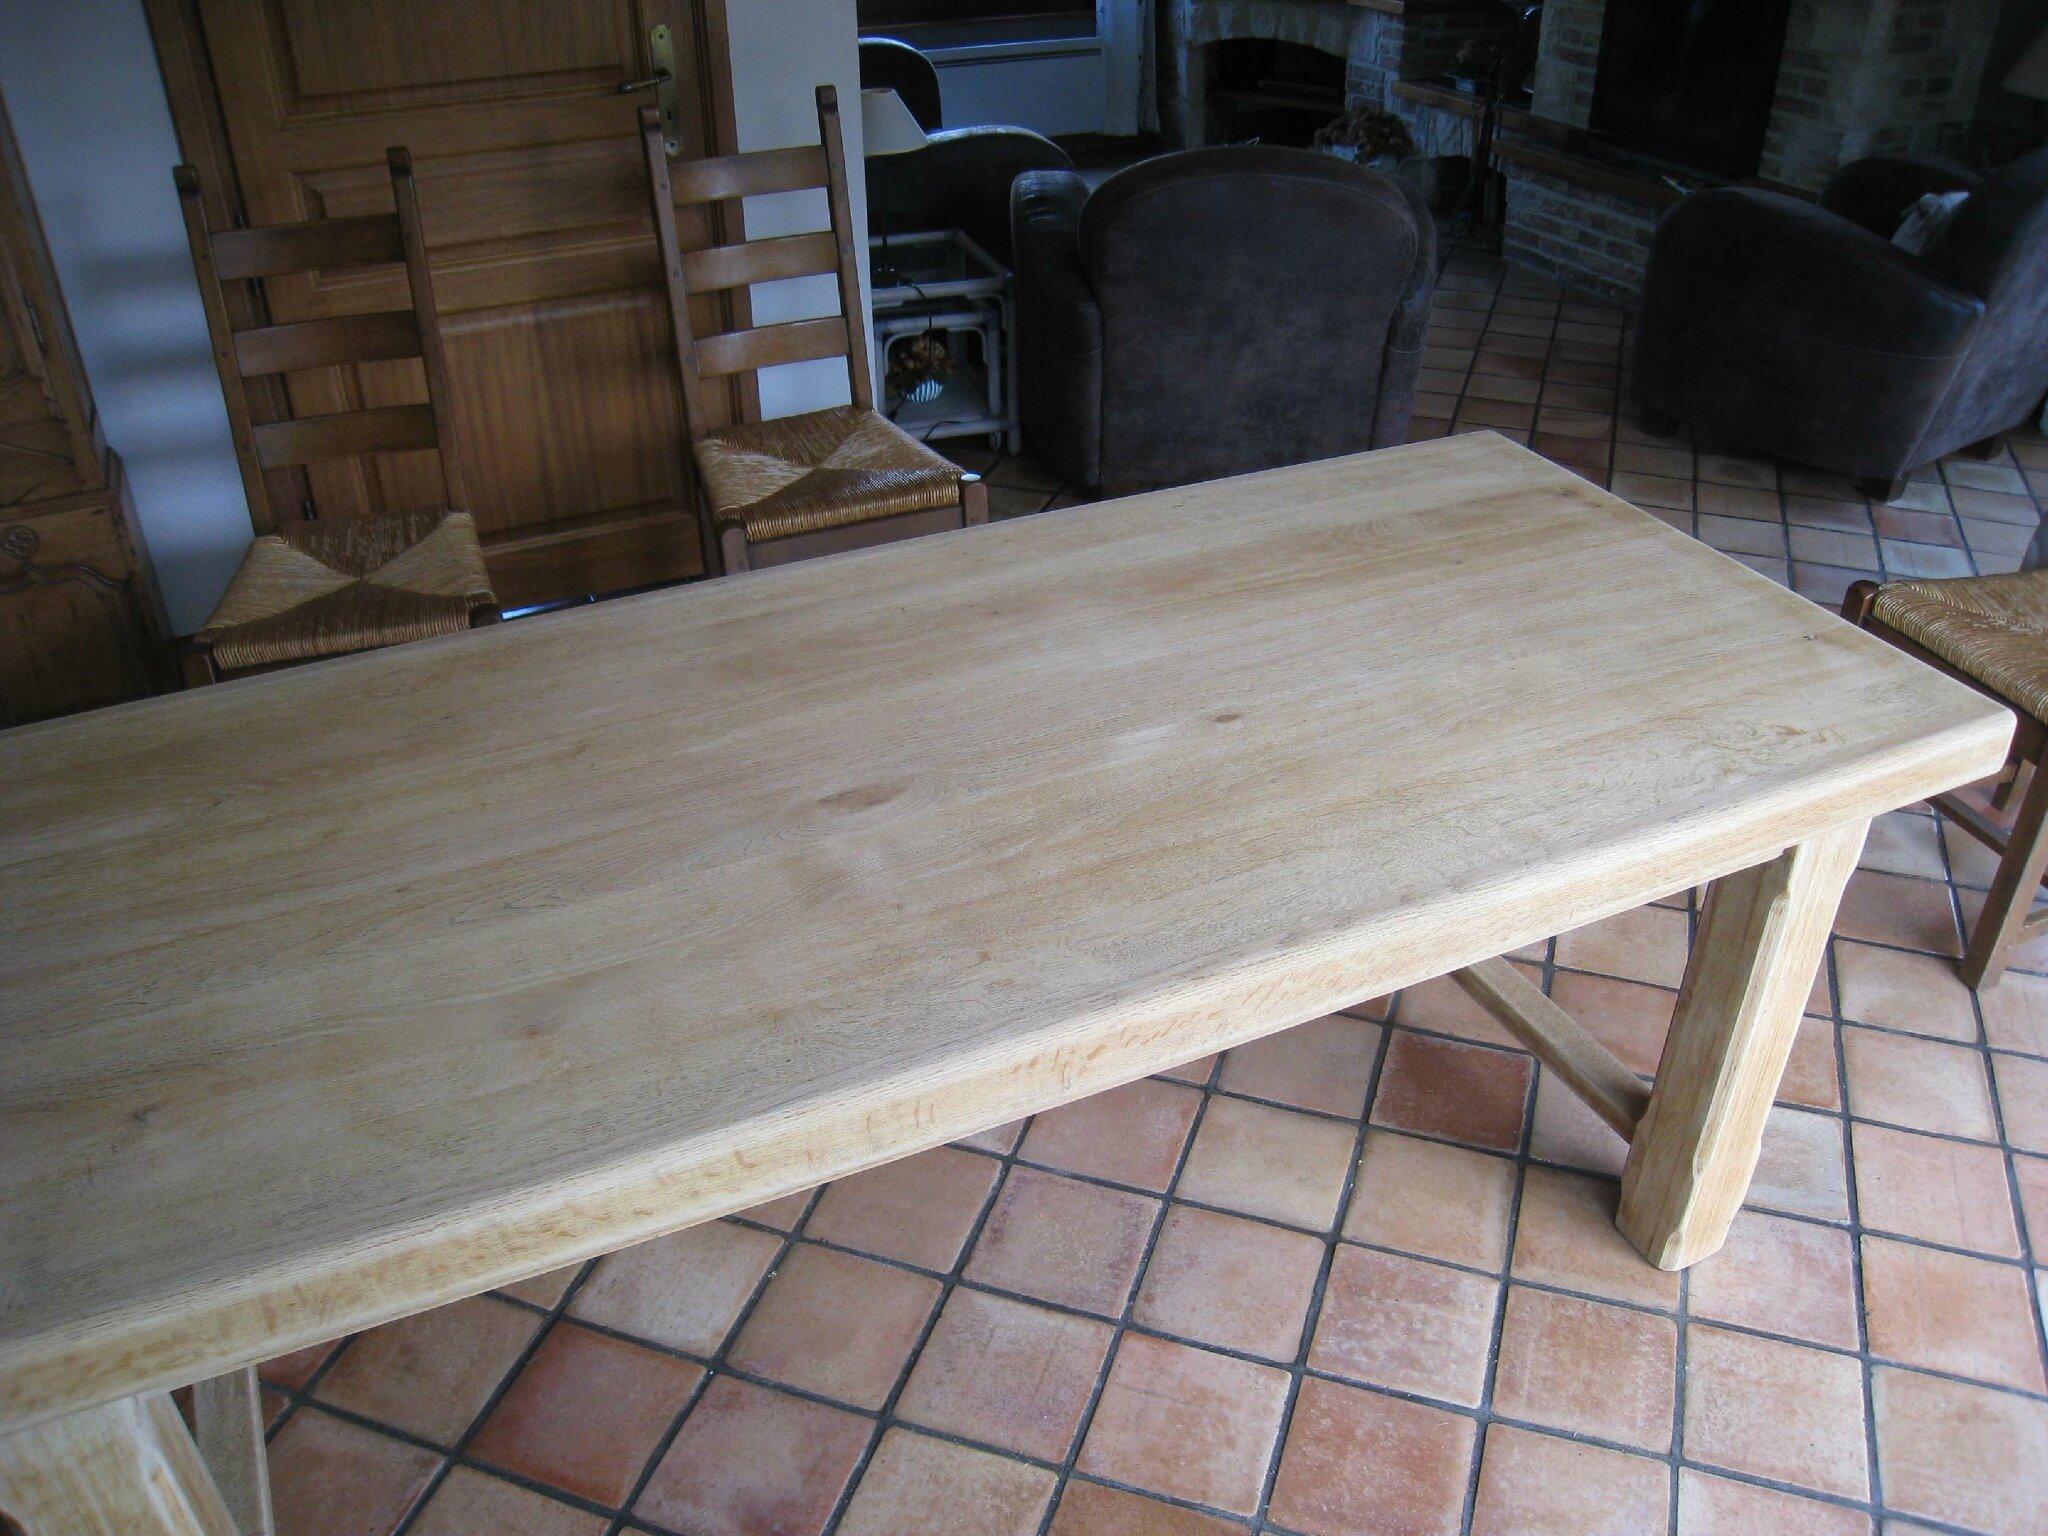 Comment Patiner Une Table eclaircir une table en chêne - patines & couleurs